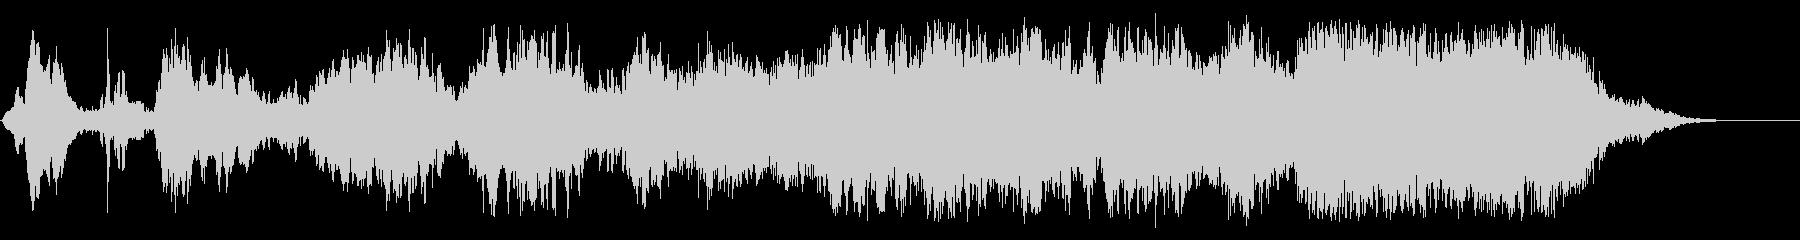 環境音楽(サイエンス&ケミカル)の未再生の波形